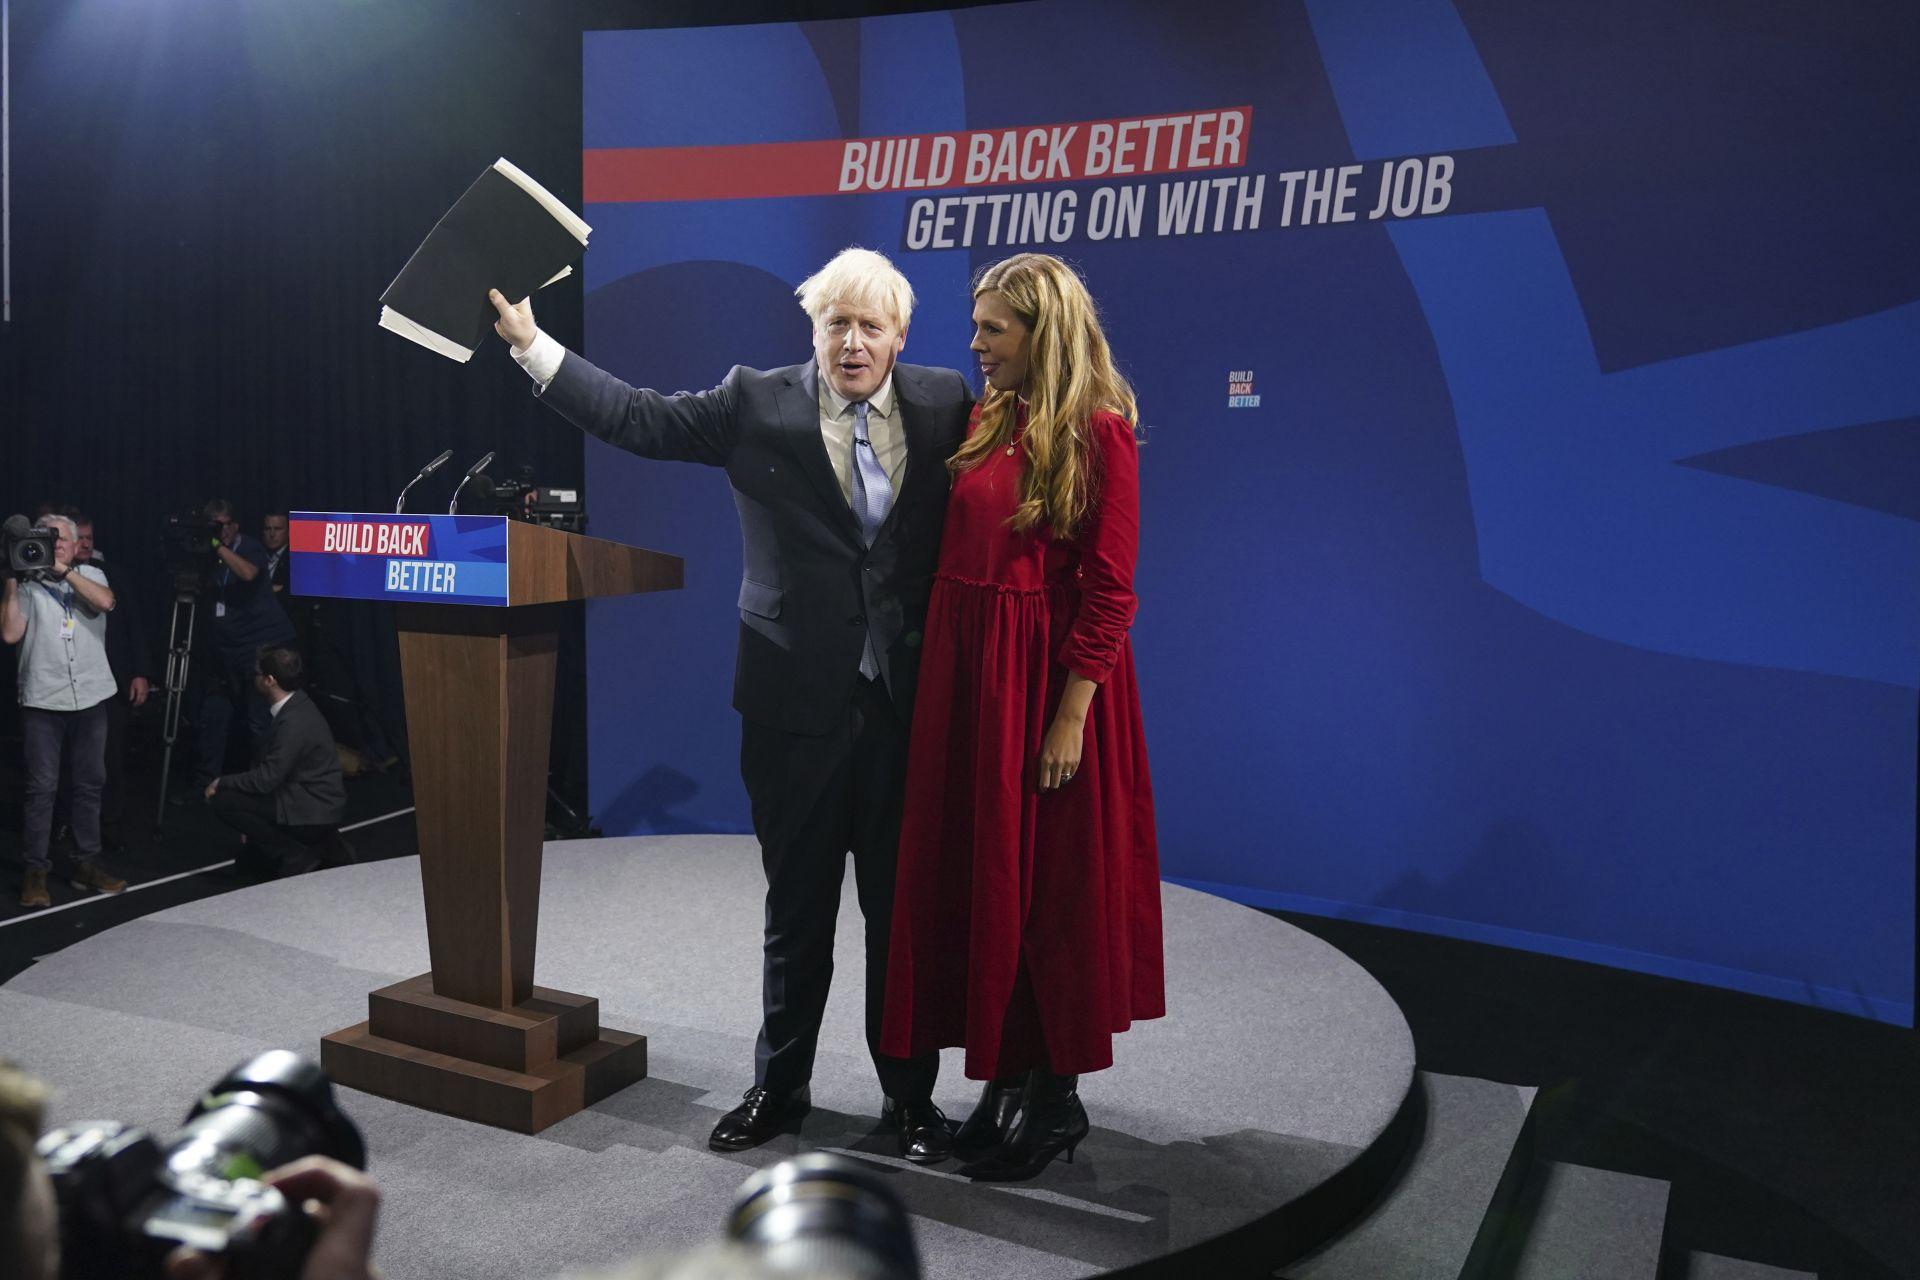 Борис Джонсън със съпругата си Кари Джонсън след като произнесе основната си реч на конференцията на Консервативната партия в Манчестър